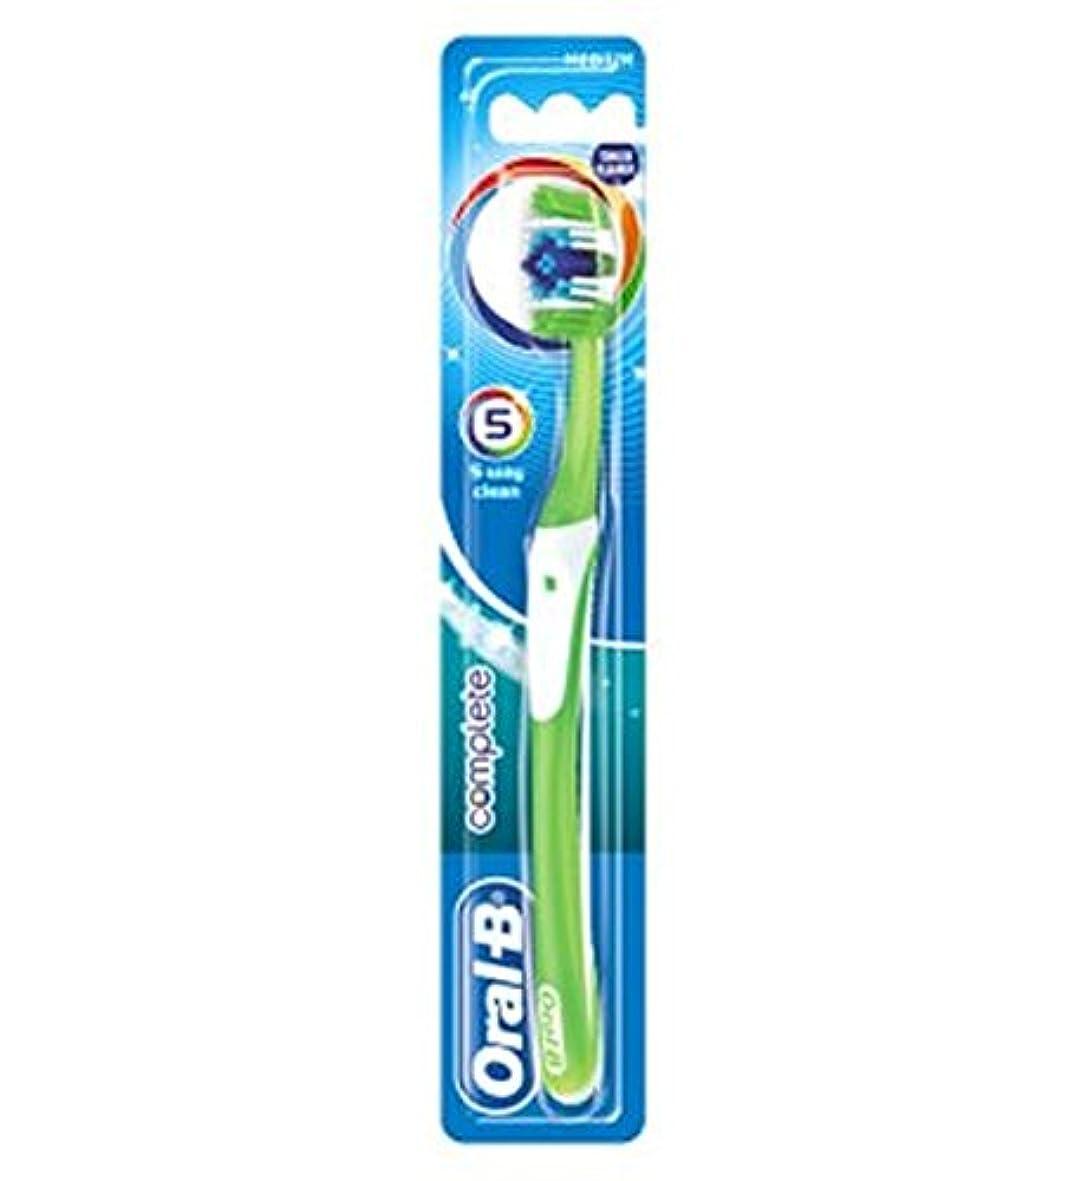 省ナビゲーション道路オーラルBの完全な5道クリーンなメディアの手動歯ブラシ (Oral B) (x2) - Oral-B Complete 5 Way Clean Medium Manual Toothbrush (Pack of 2) [...